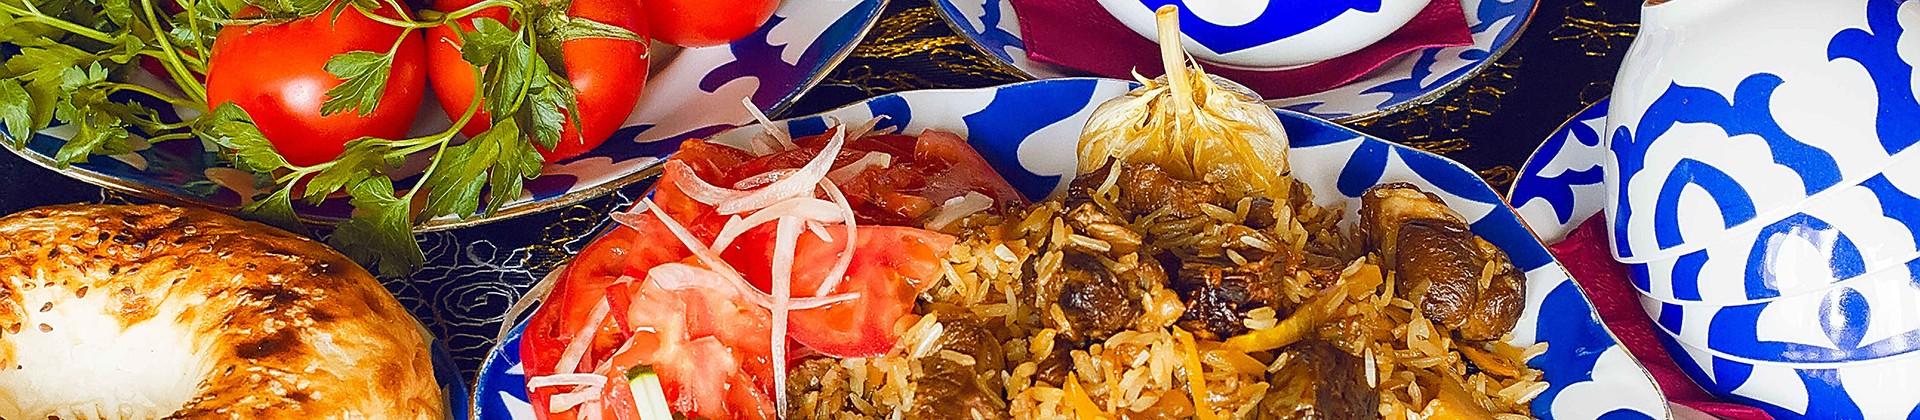 Plov, Somsa, Tandyr Gosht - Main dishes of Uzbekistan - 1